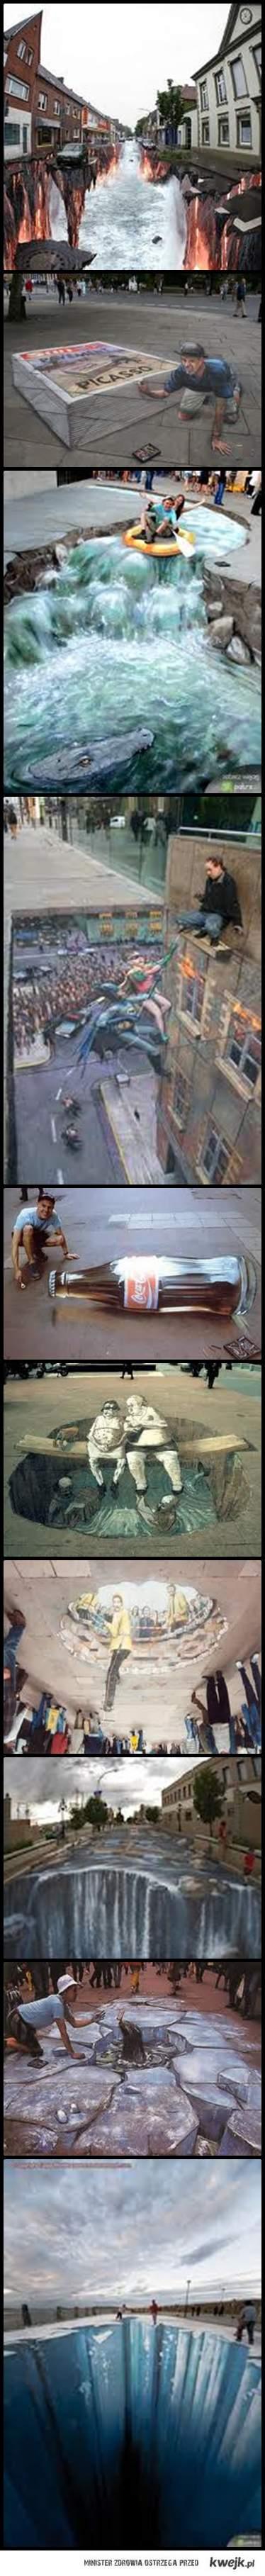 Iluzje uliczne